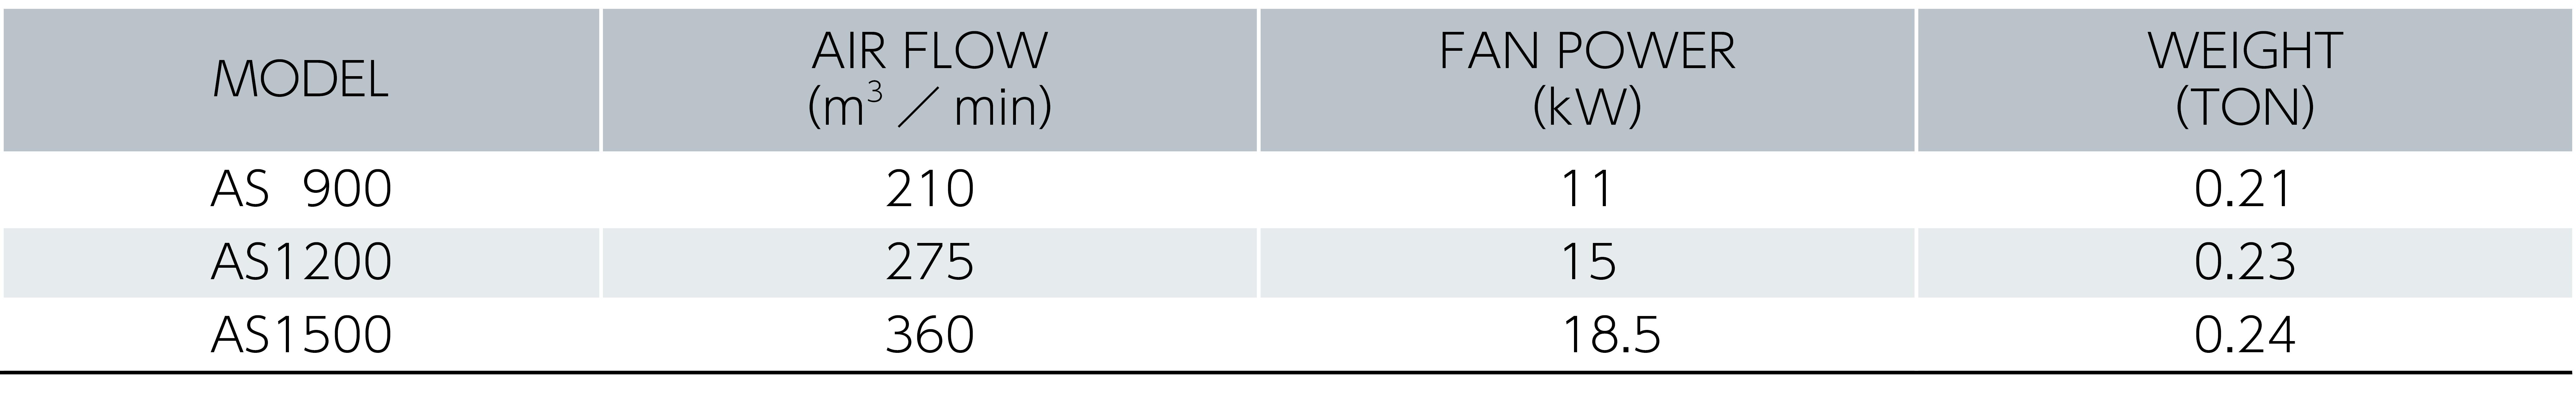 Tabel Spesifikasi Unit Pemilah Sampah Hisap AS900/1200/1500